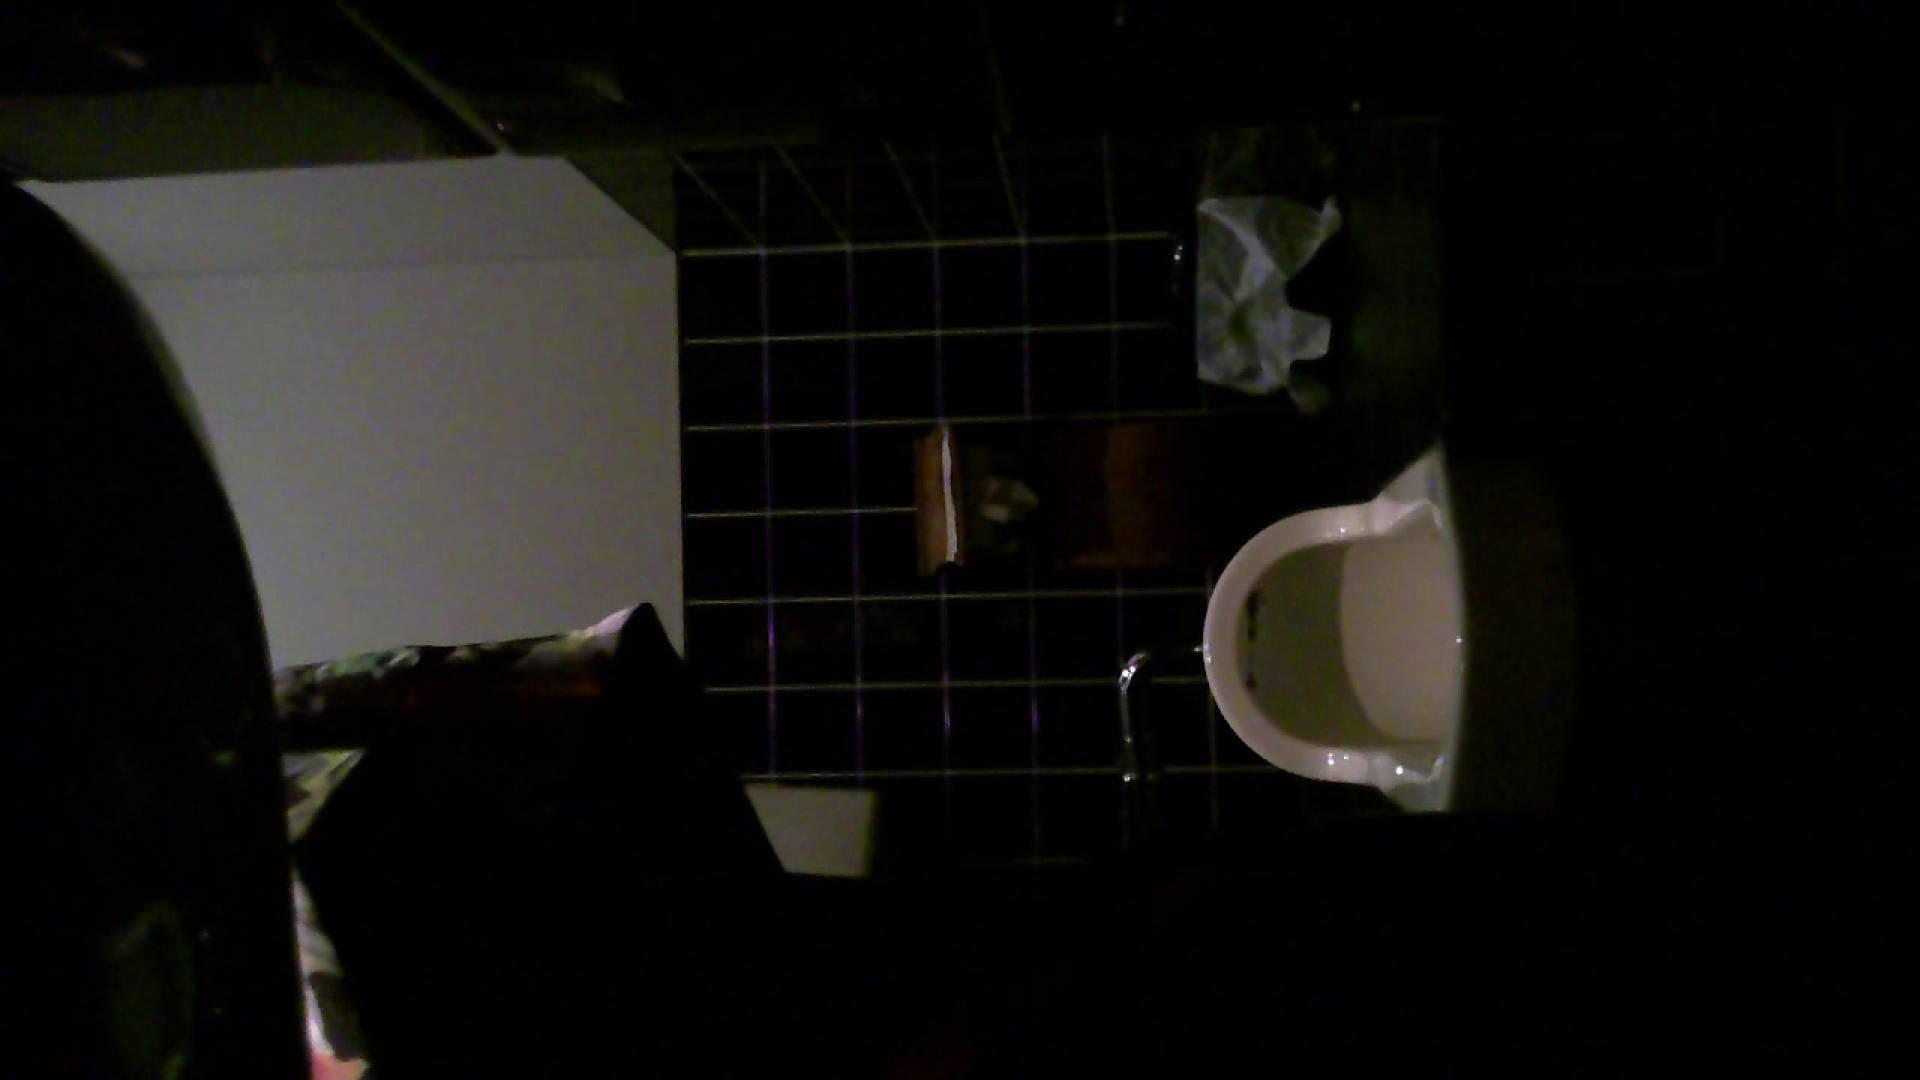 美女の集まる飲み屋洗面所 vol.04 美女エロ画像  52PICs 44